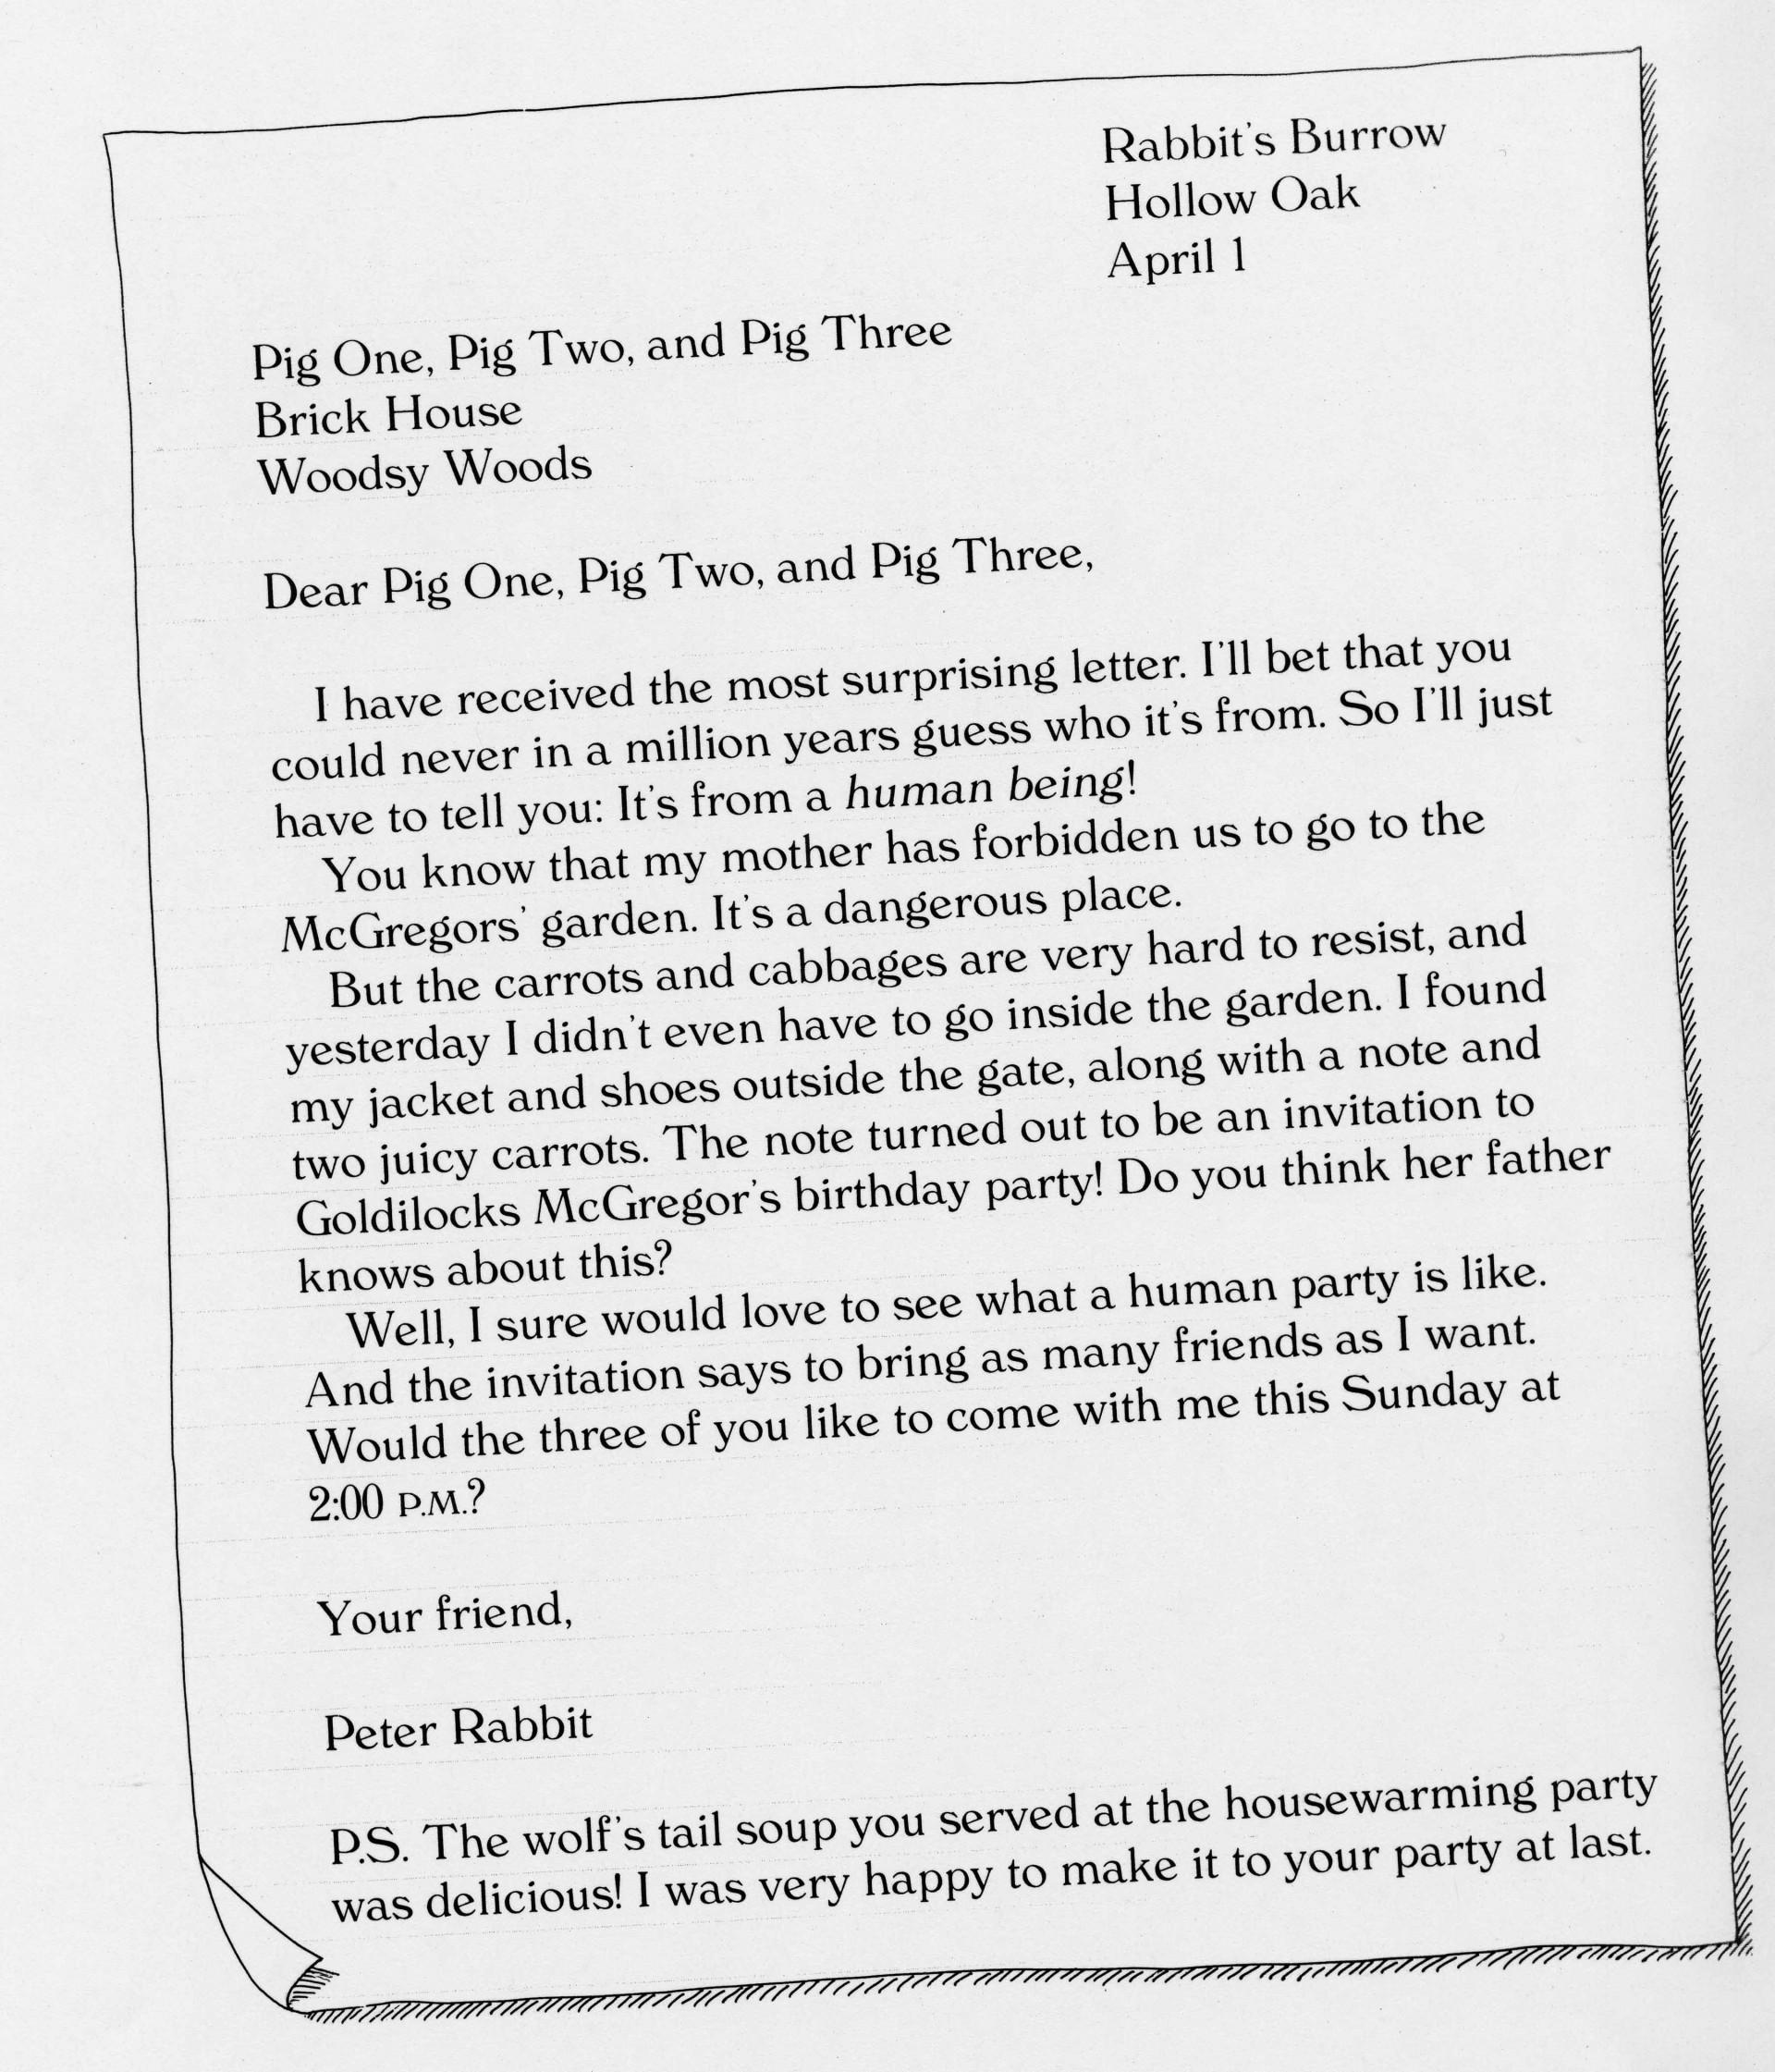 021 Narrative Essays High School Unique Essay Examples Pdf Personal 1920